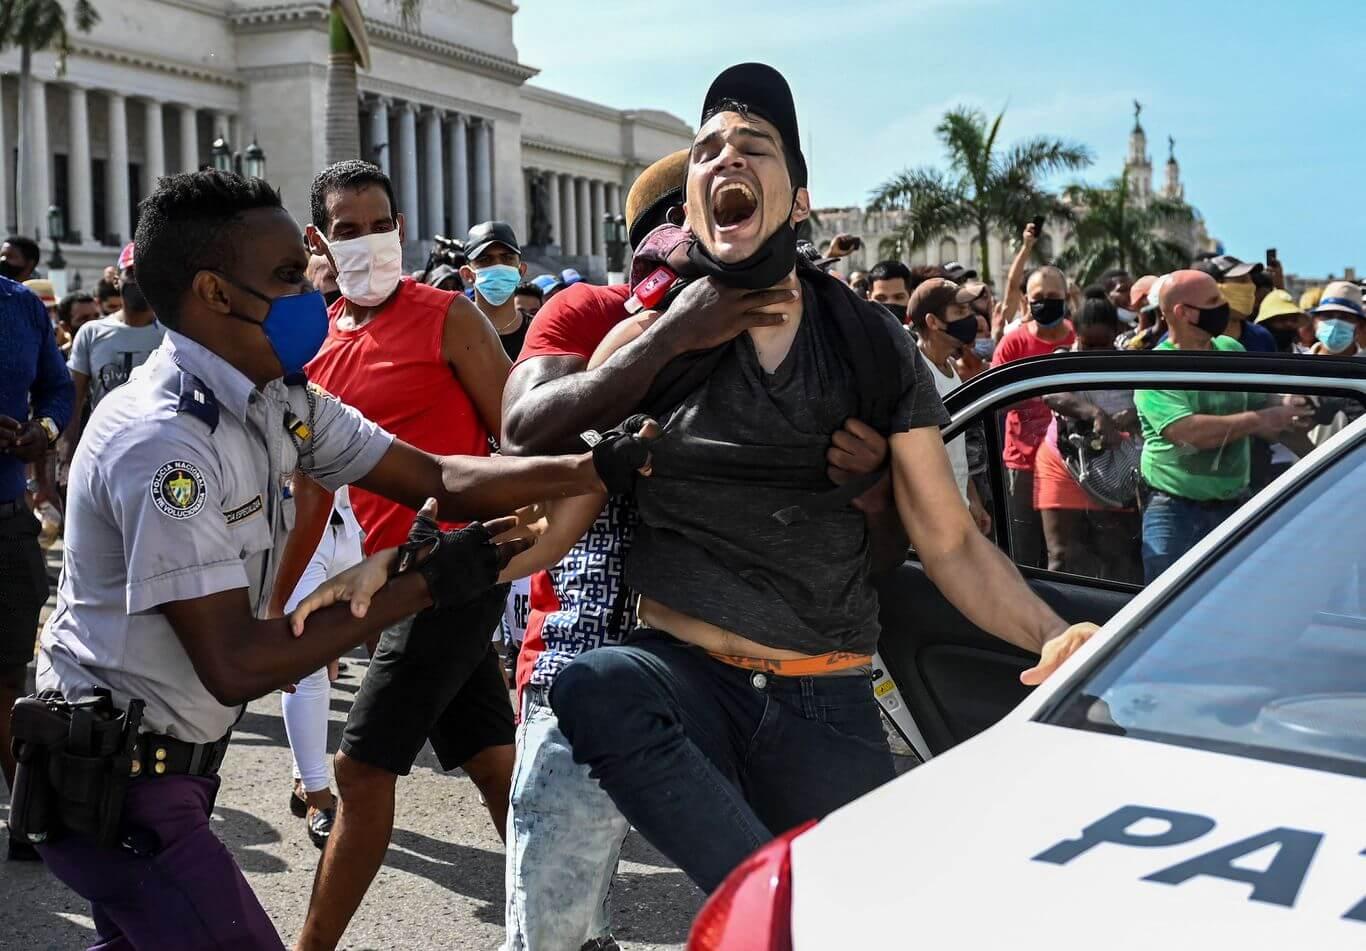 Cuba: Denuncias de detenciones arbitrarias y cortes de Internet en la isla tras multitudinarias protestas